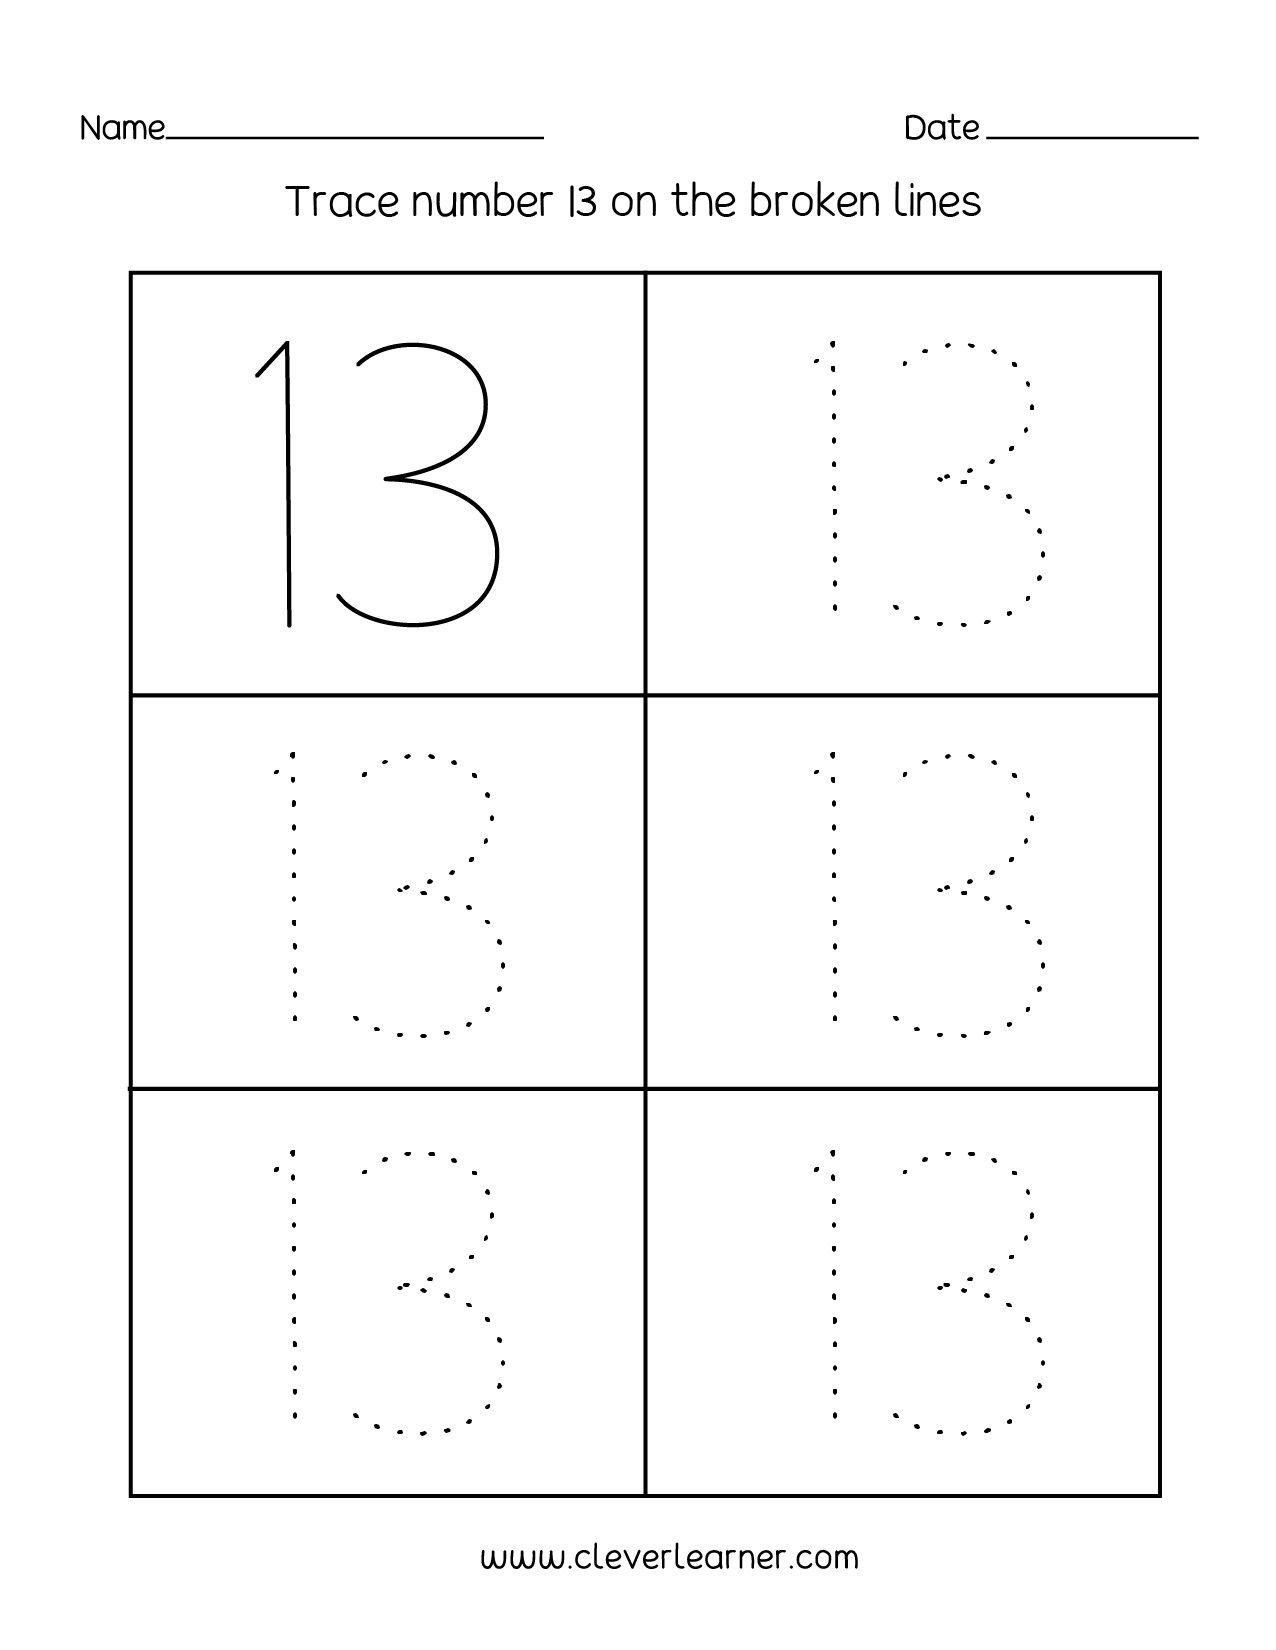 Free Preschool Kindergarten Worksheets Counting Number Recognition 5 Number 13 Preschool Worksheets Tracing Worksheets Preschool Printable Preschool Worksheets [ 1650 x 1276 Pixel ]